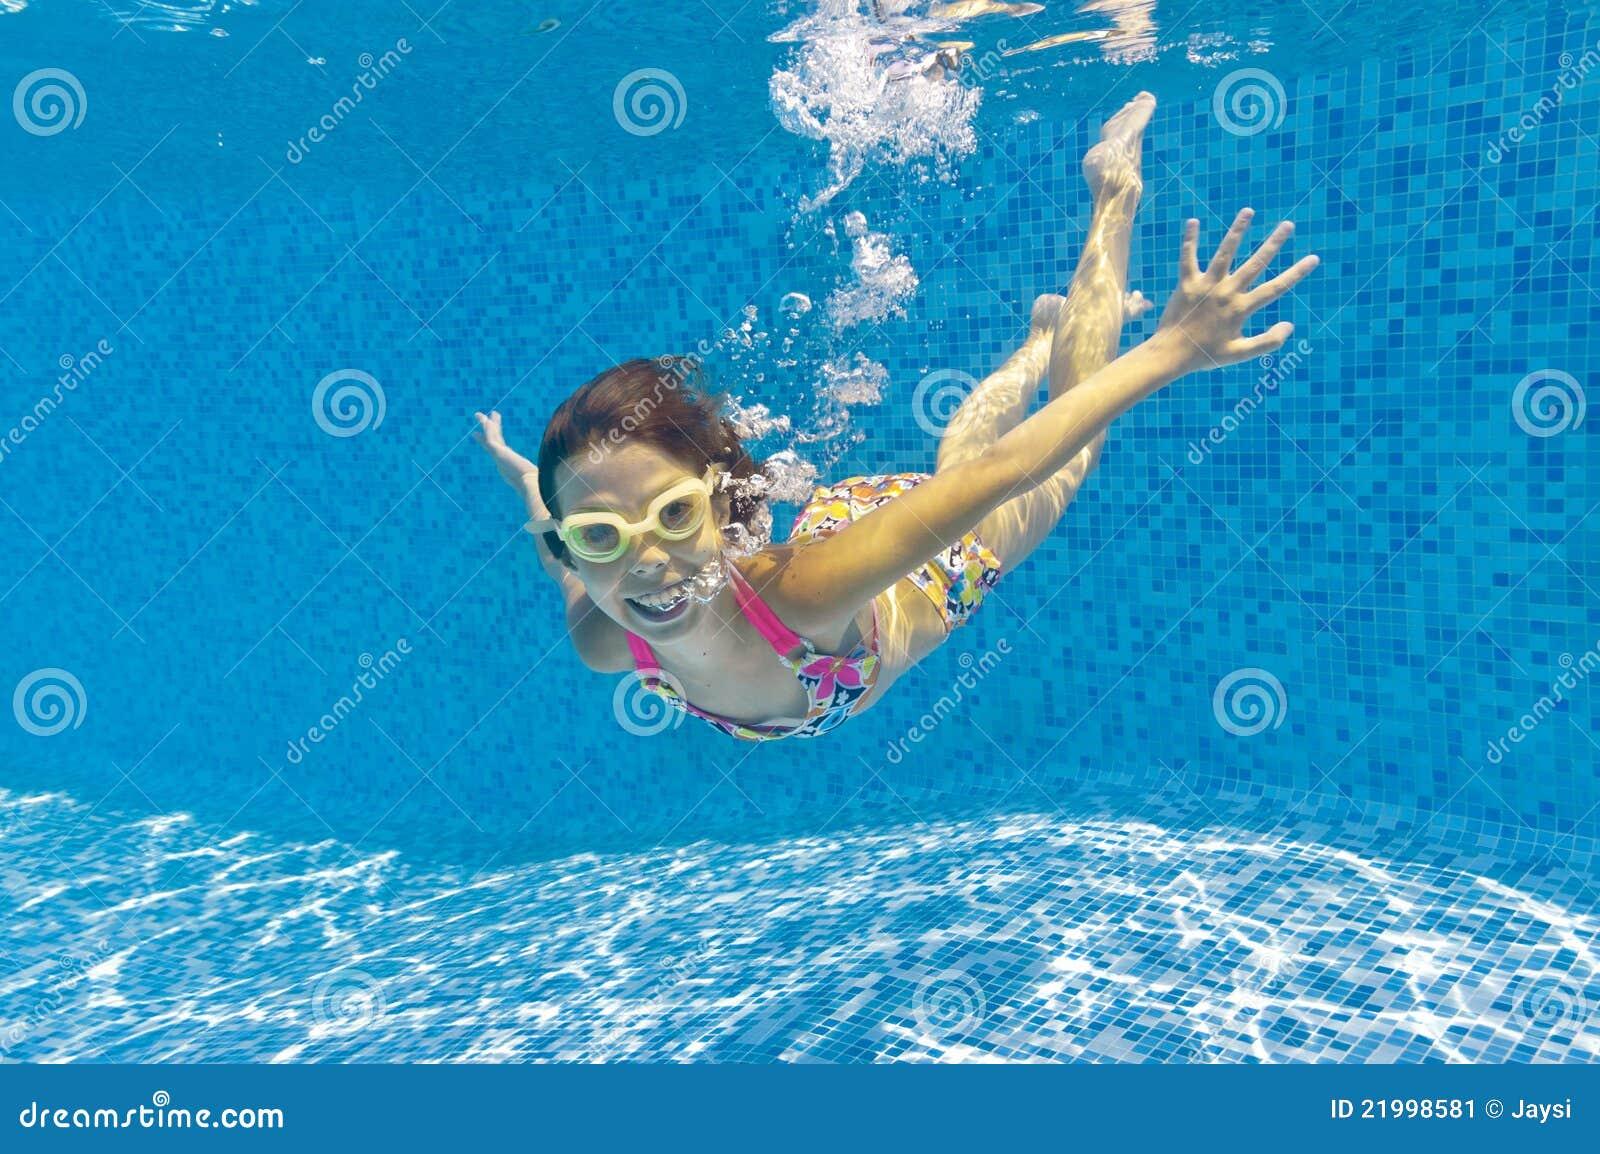 child swimming underwater - photo #26